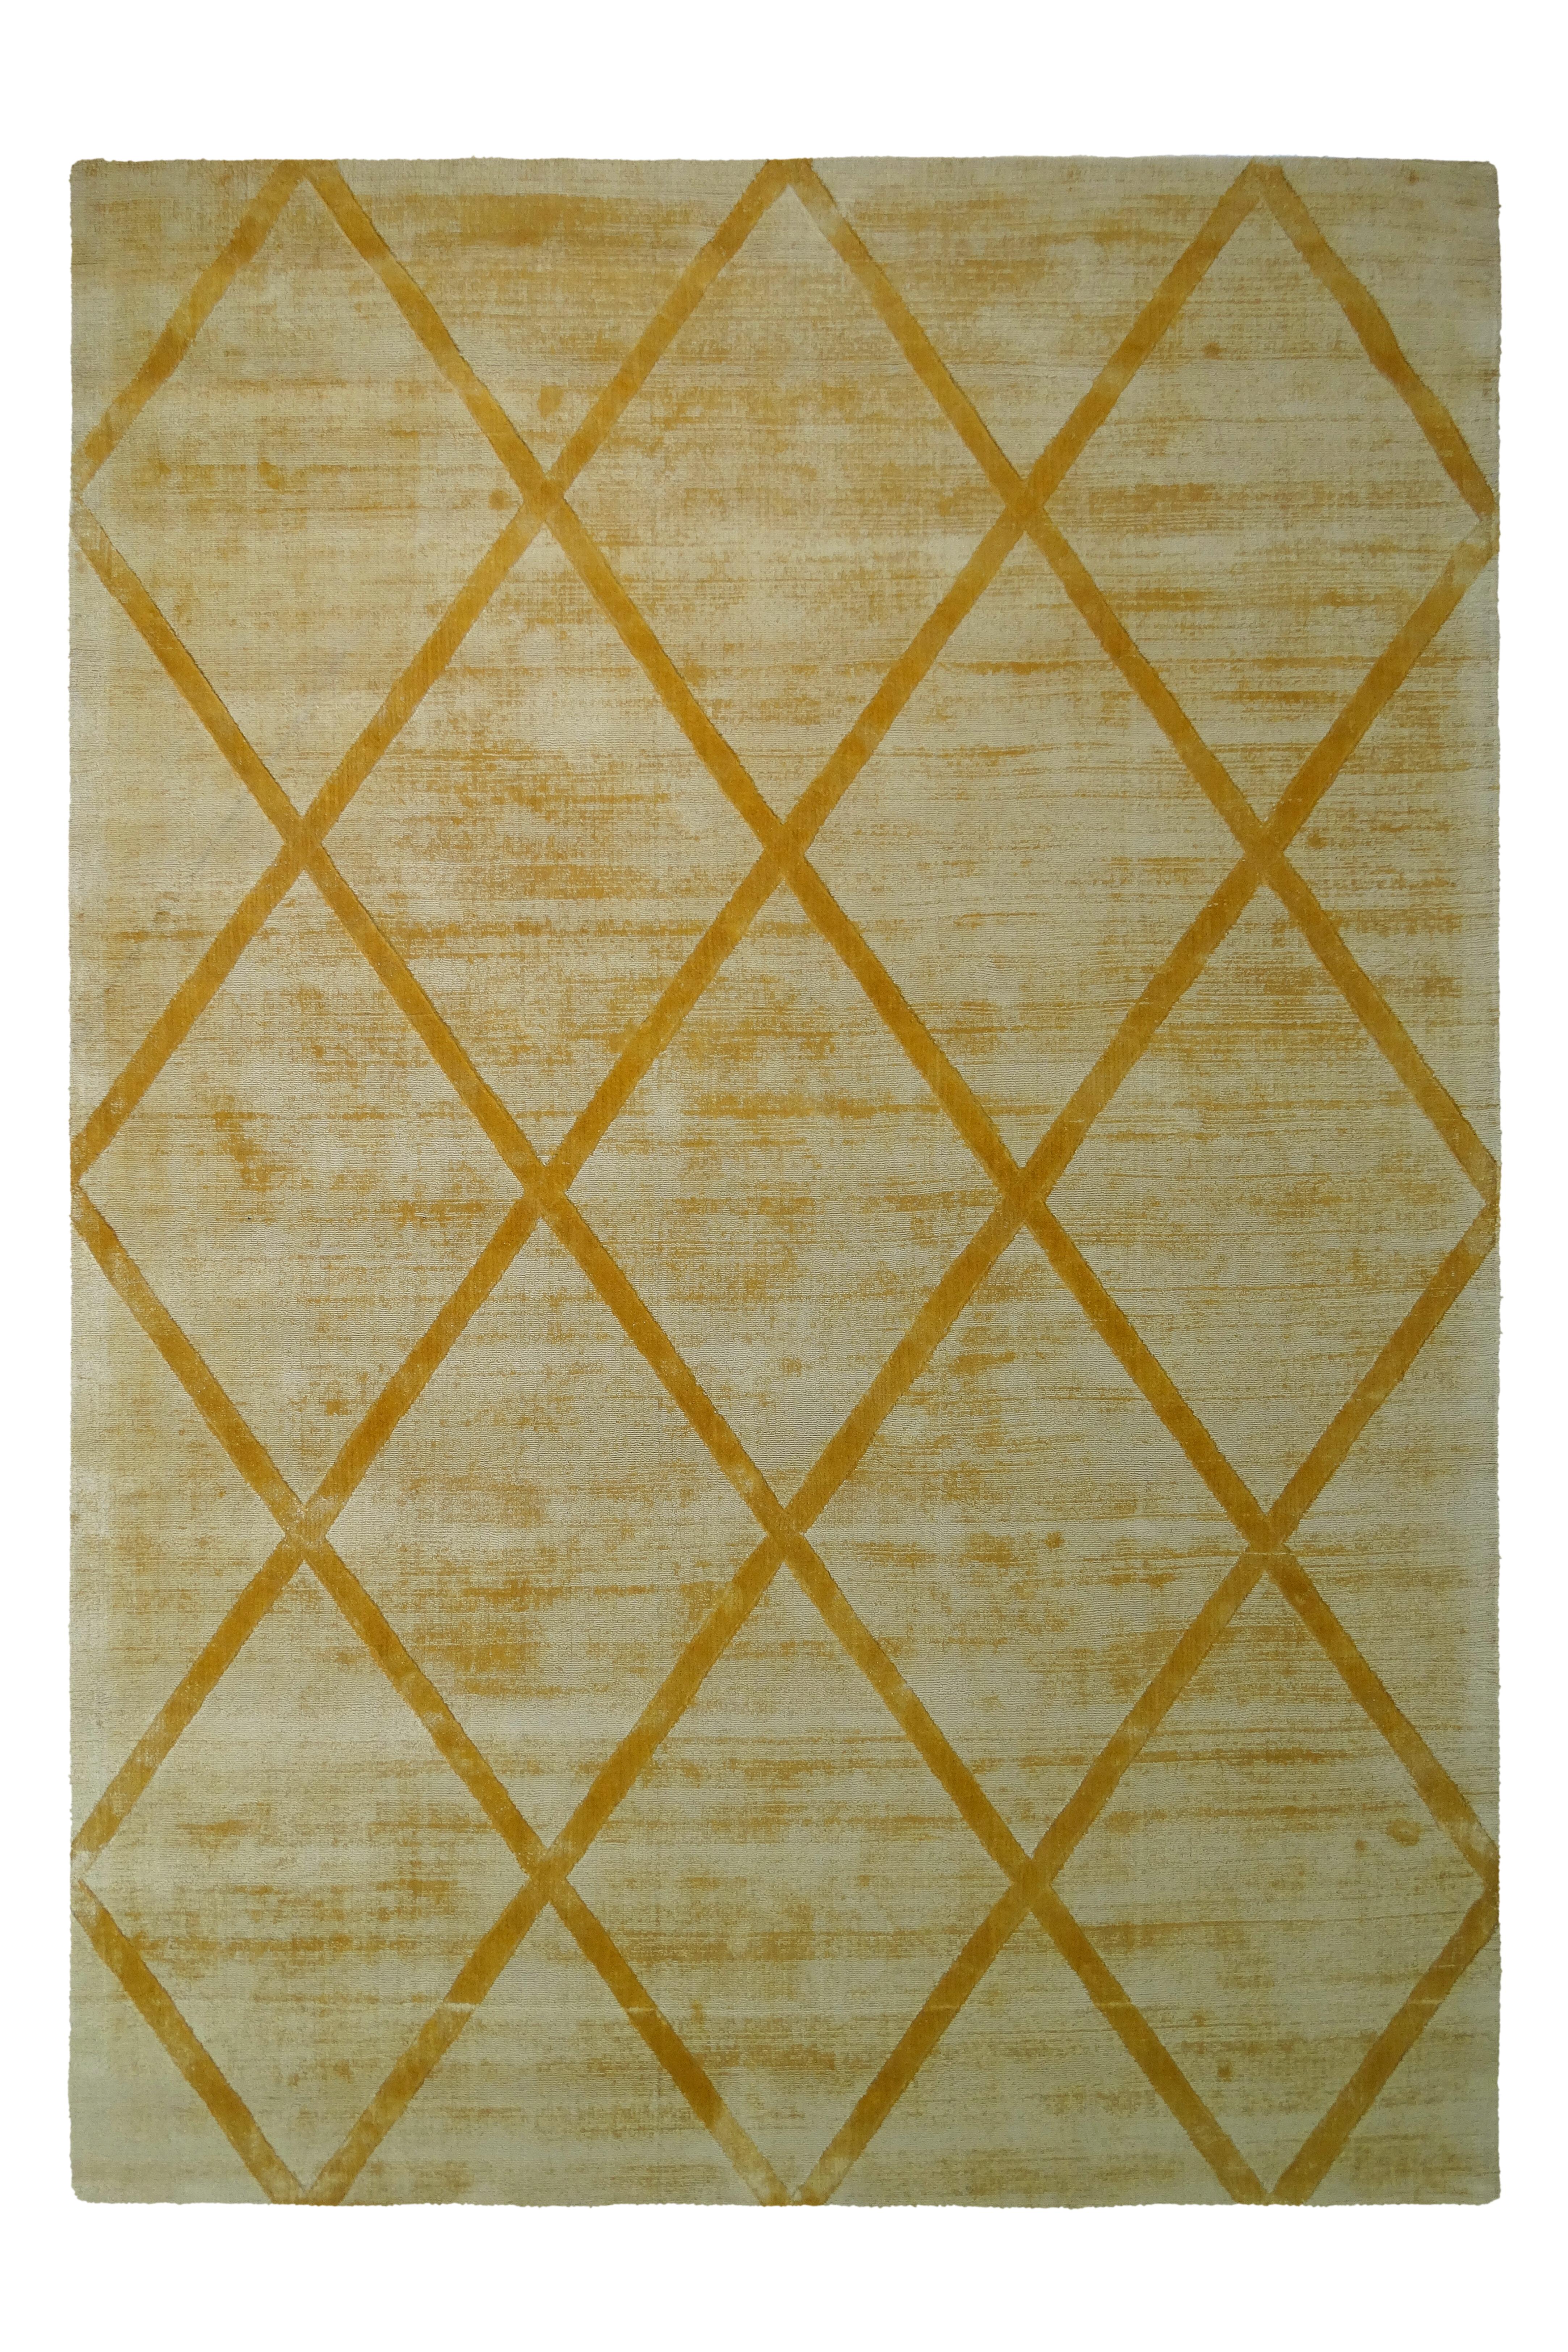 Kayoom Vloerkleed 'Luxury 210' kleur Oker / Geel, 200 x 290cm